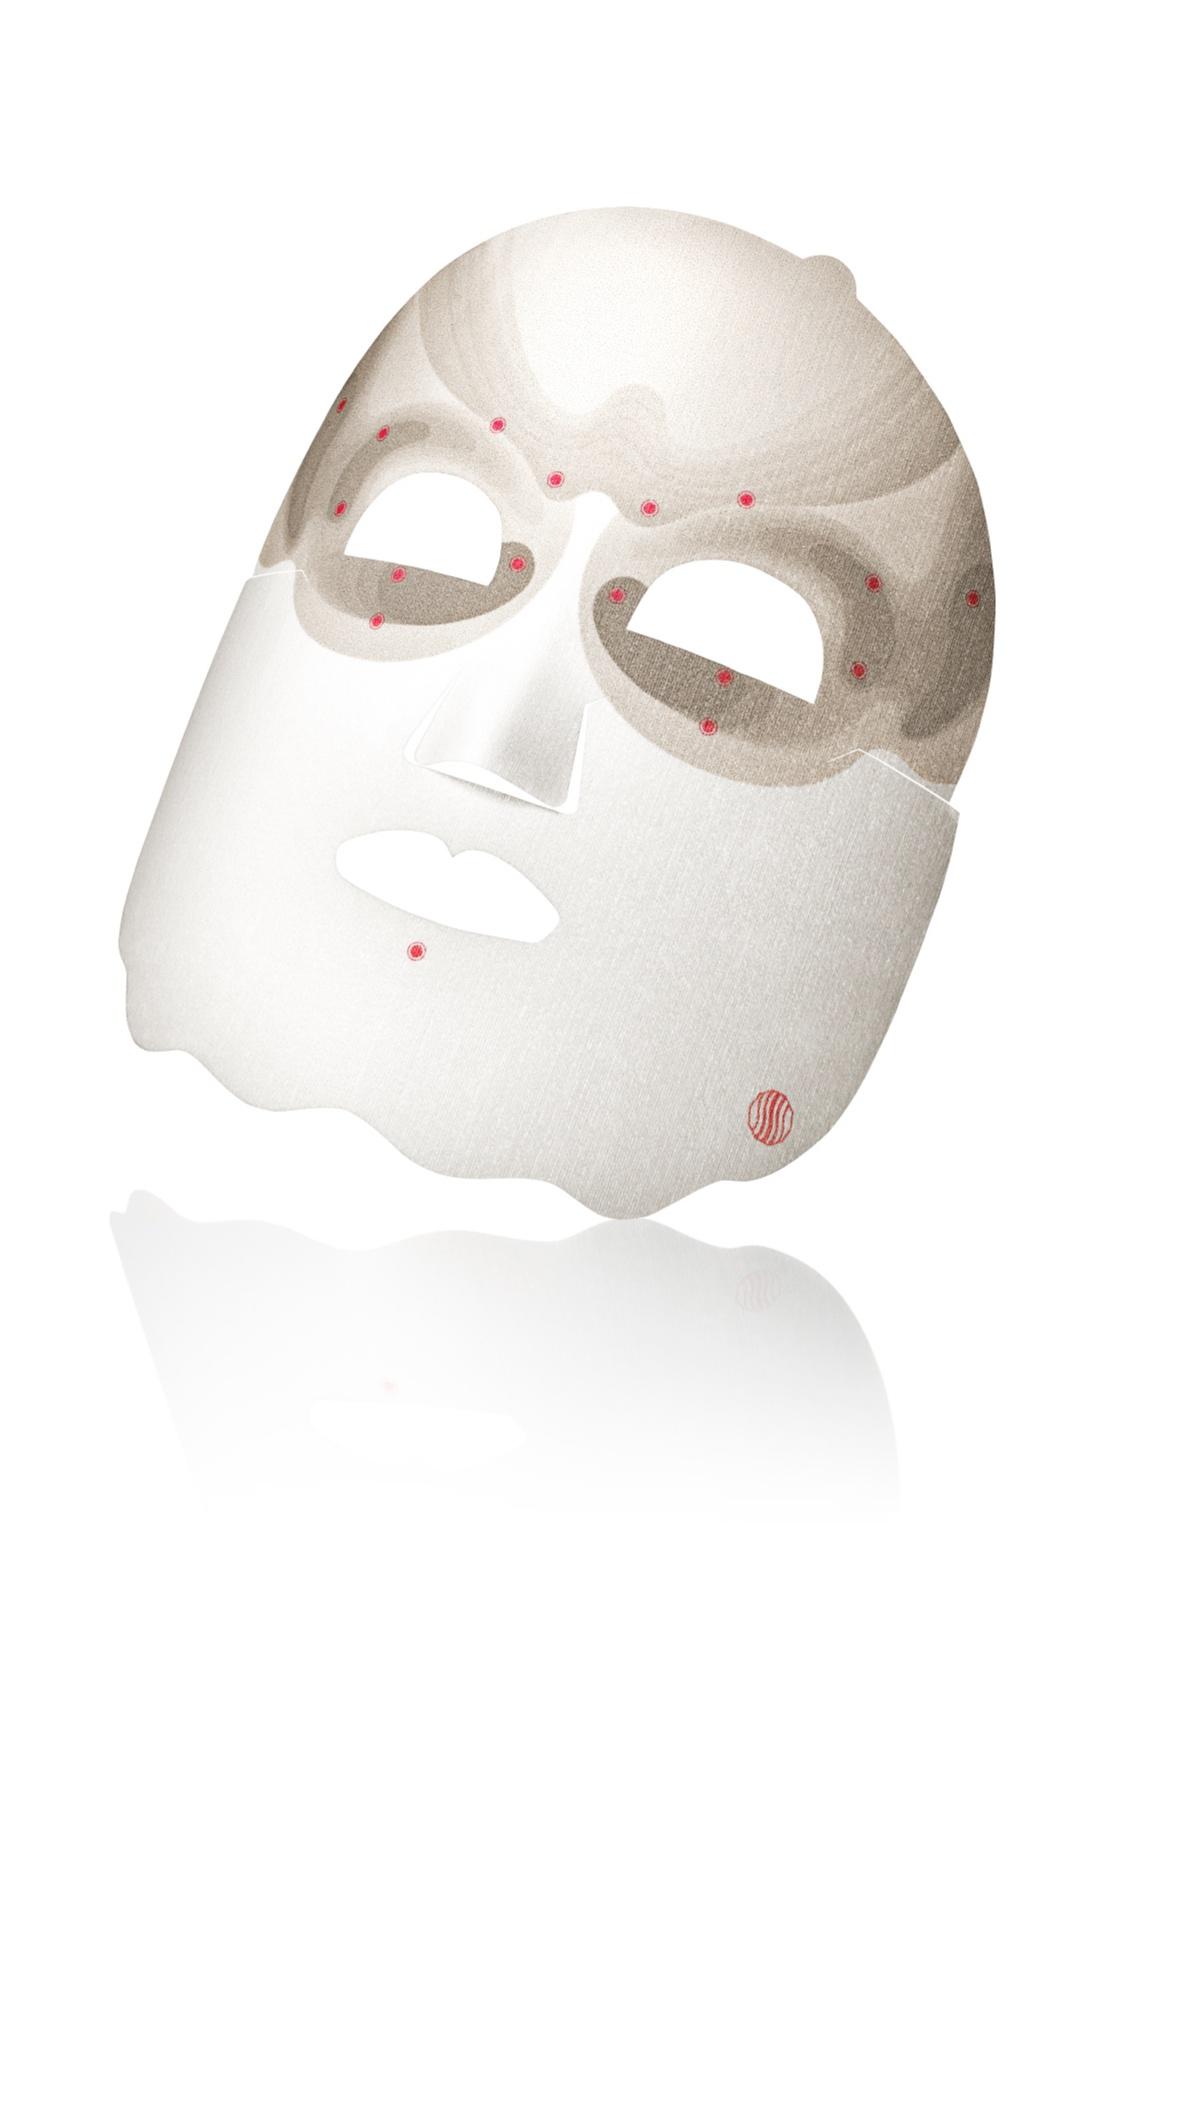 """「水曜&週末夜」がオススメ! 『フローフシ』のシートマスクなら、週2回の""""SAISEIタイム""""でもっと美しい肌に!_1_2"""